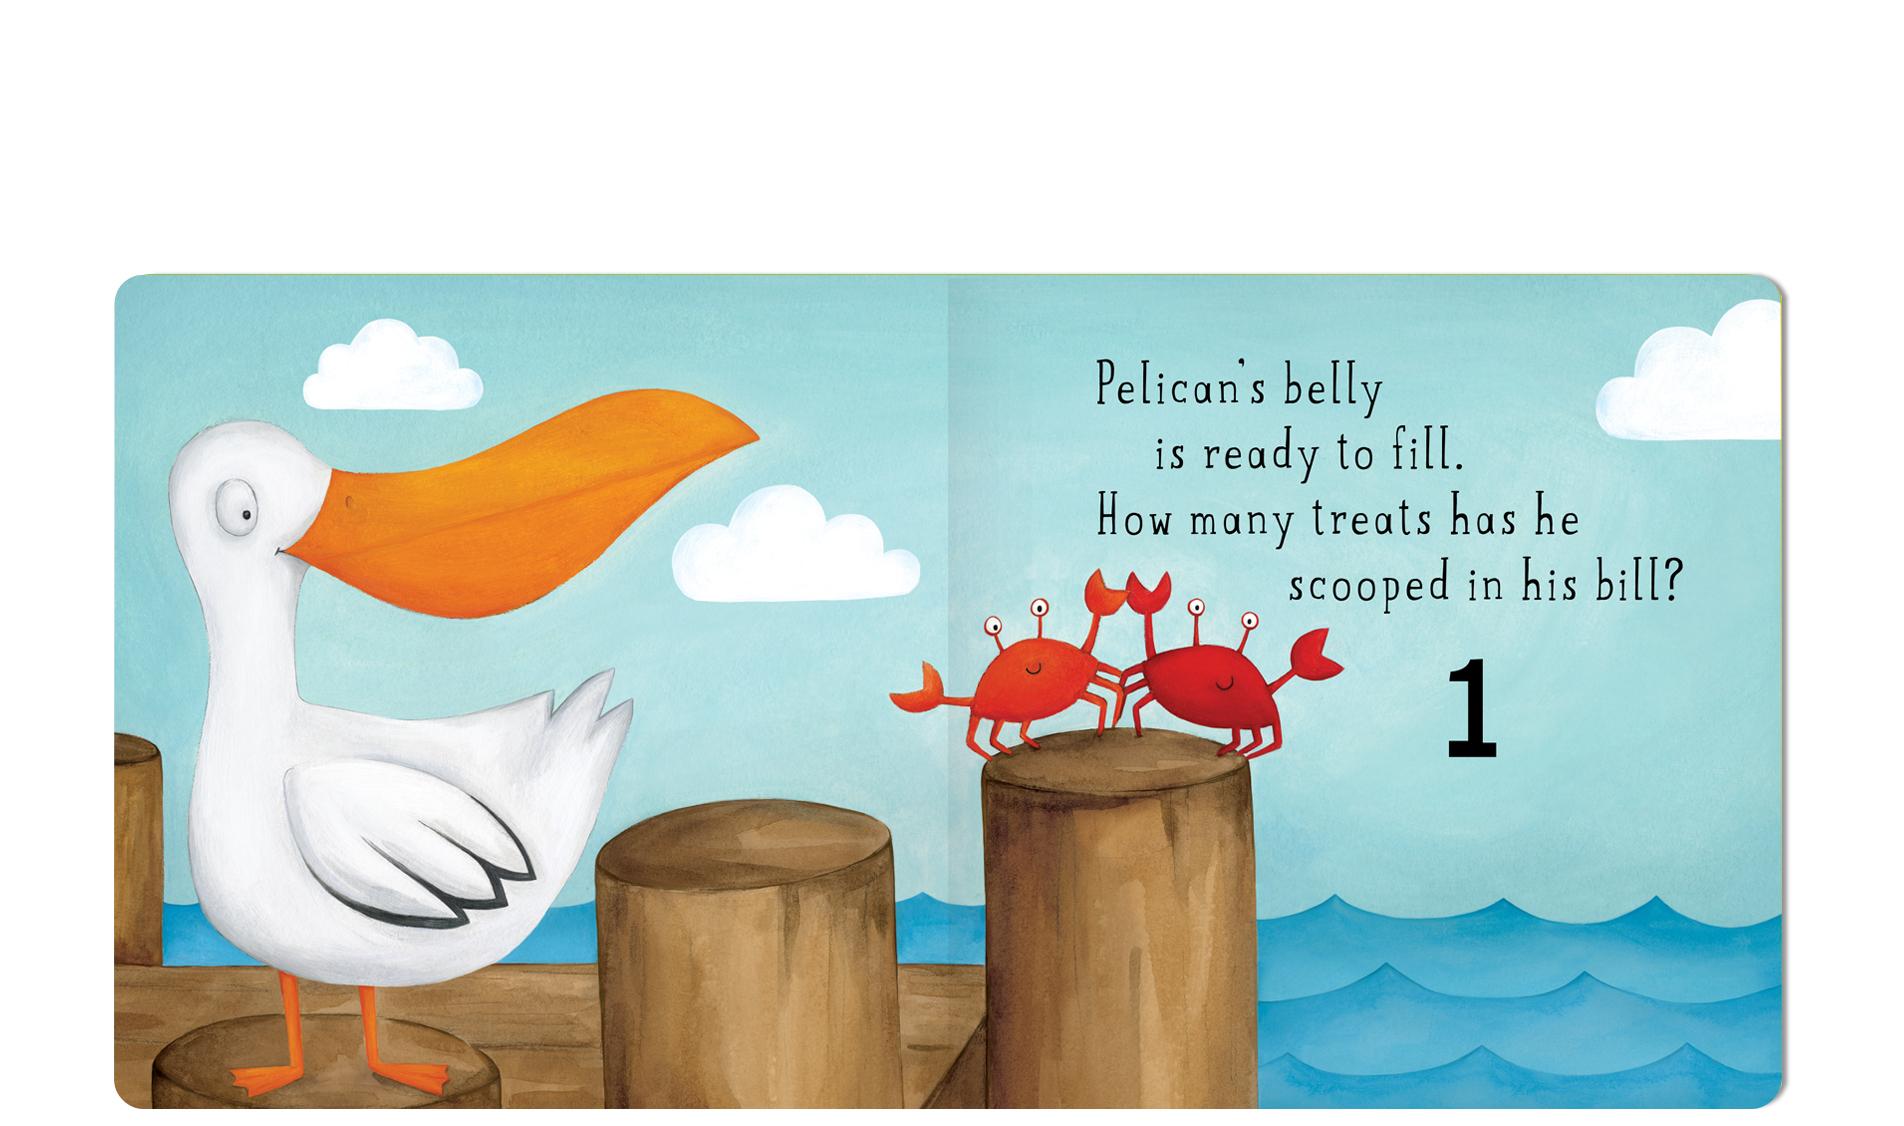 Pelicans Bill Spread 1